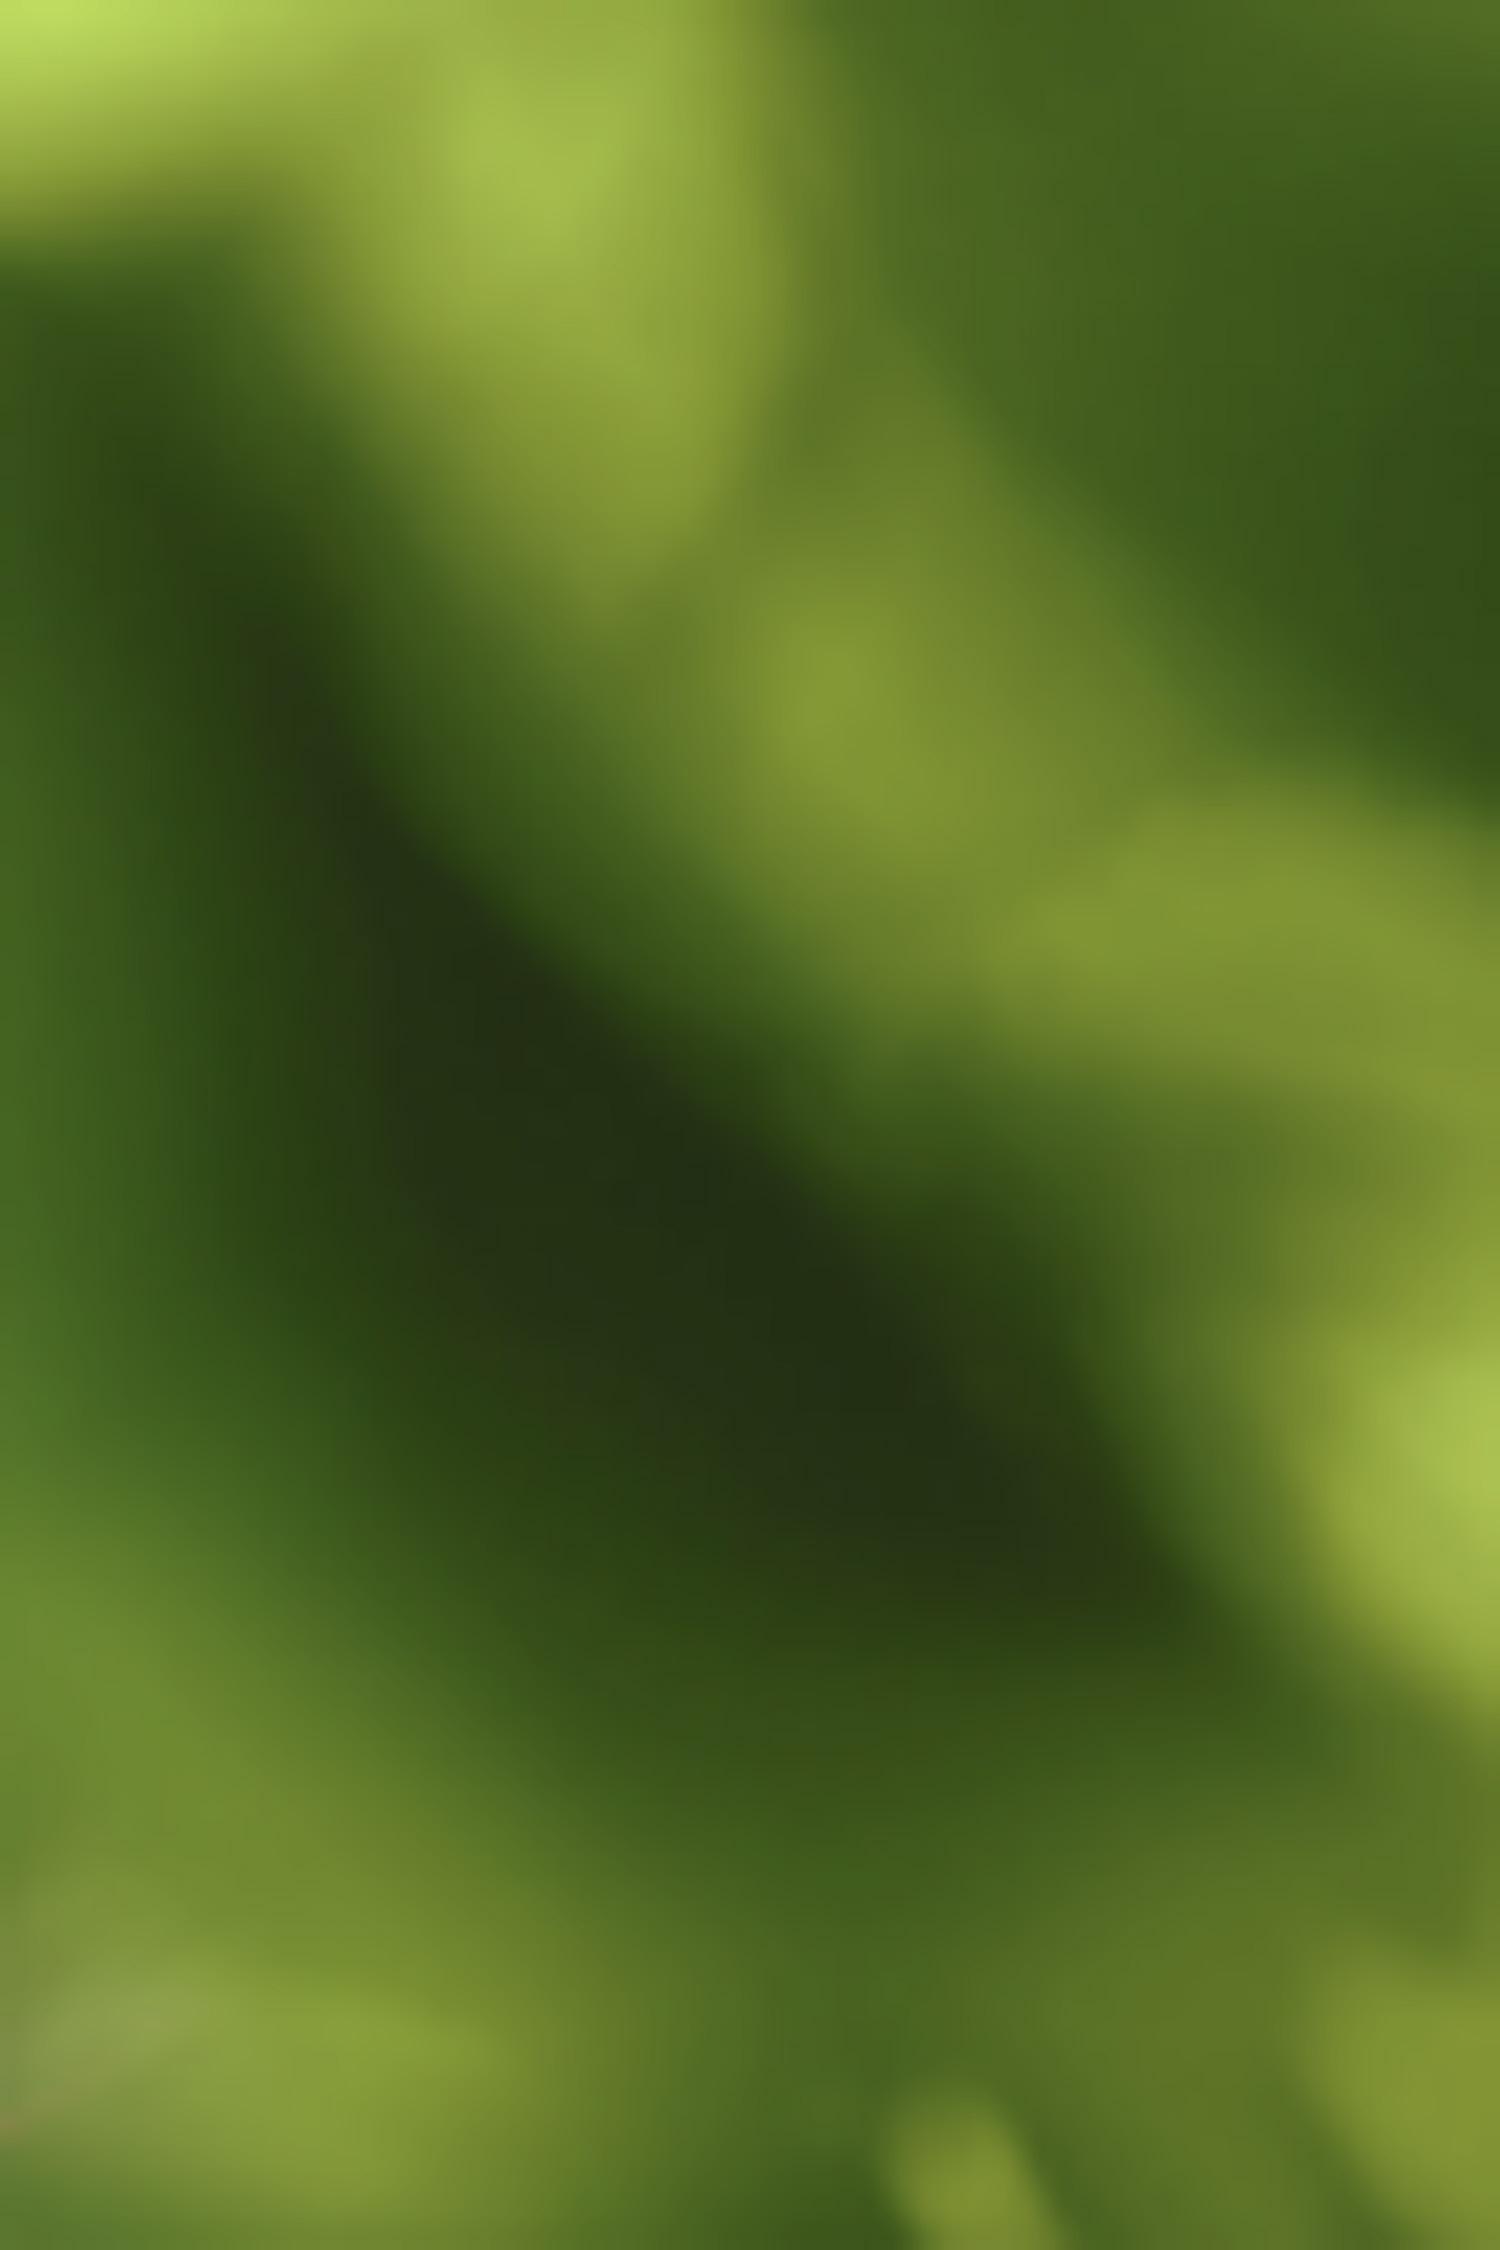 dawit-bekele